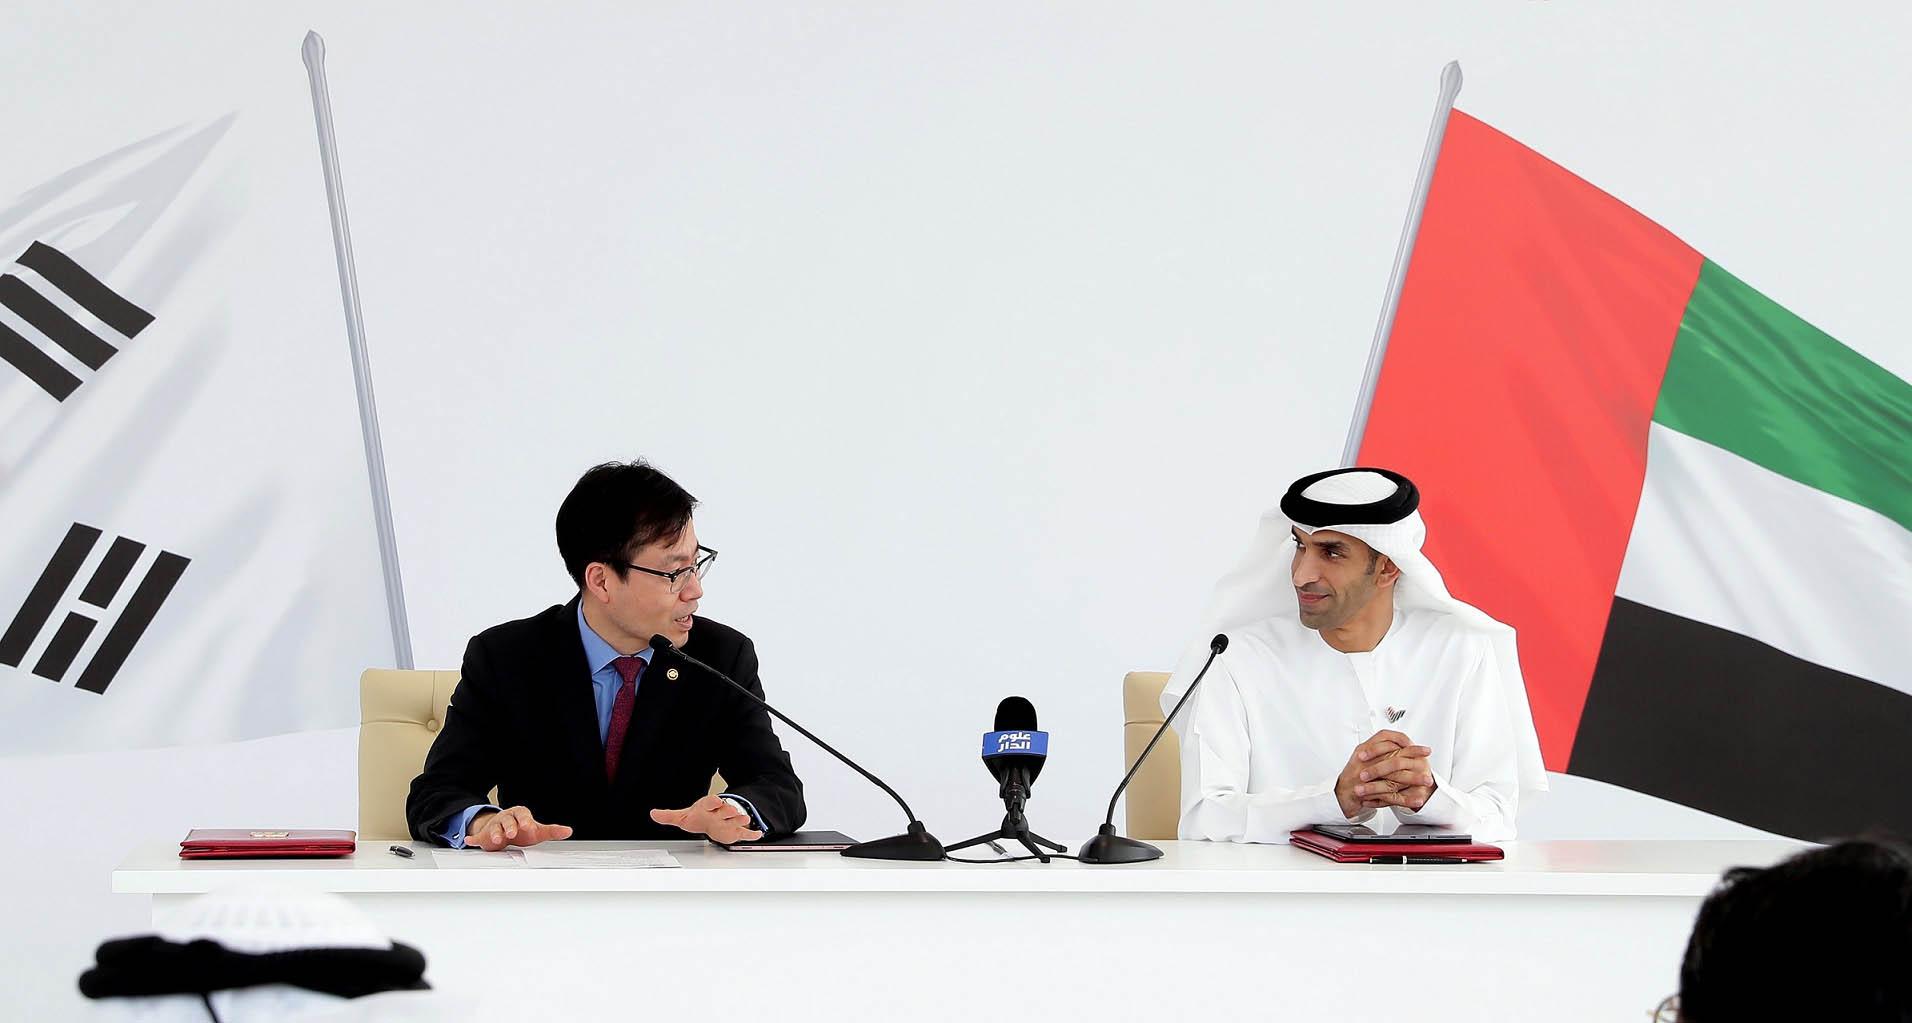 الإمارات و كوريا الجنوبية تعلنان بيان نوايا مشتركا لبدء محادثات اتفاقية شراكة اقتصادية شاملة